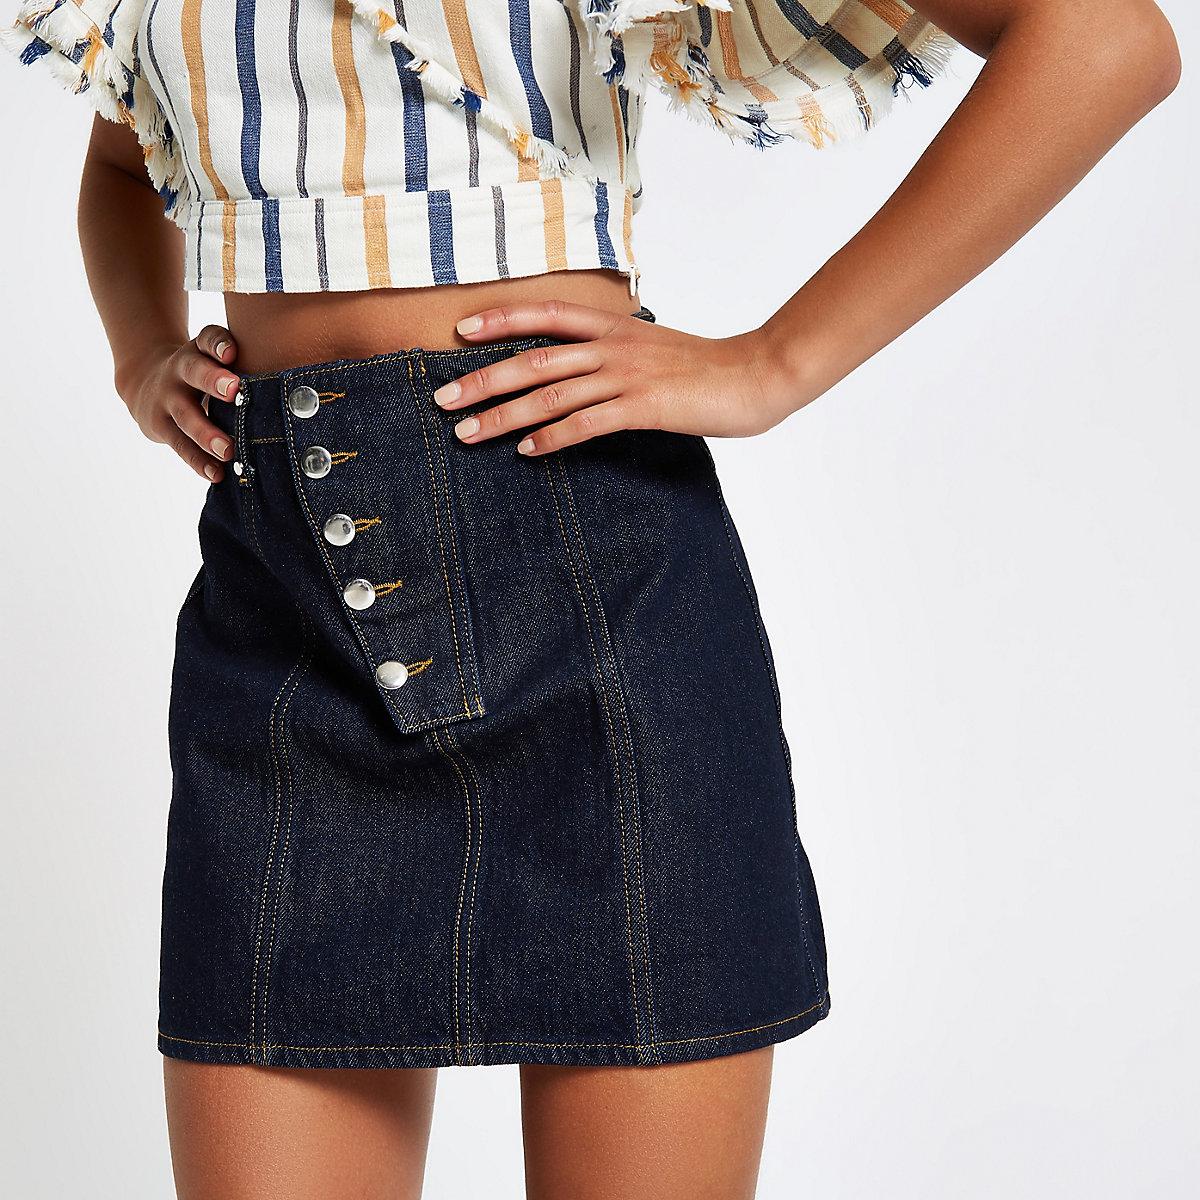 Dark blue raw denim A line mini skirt